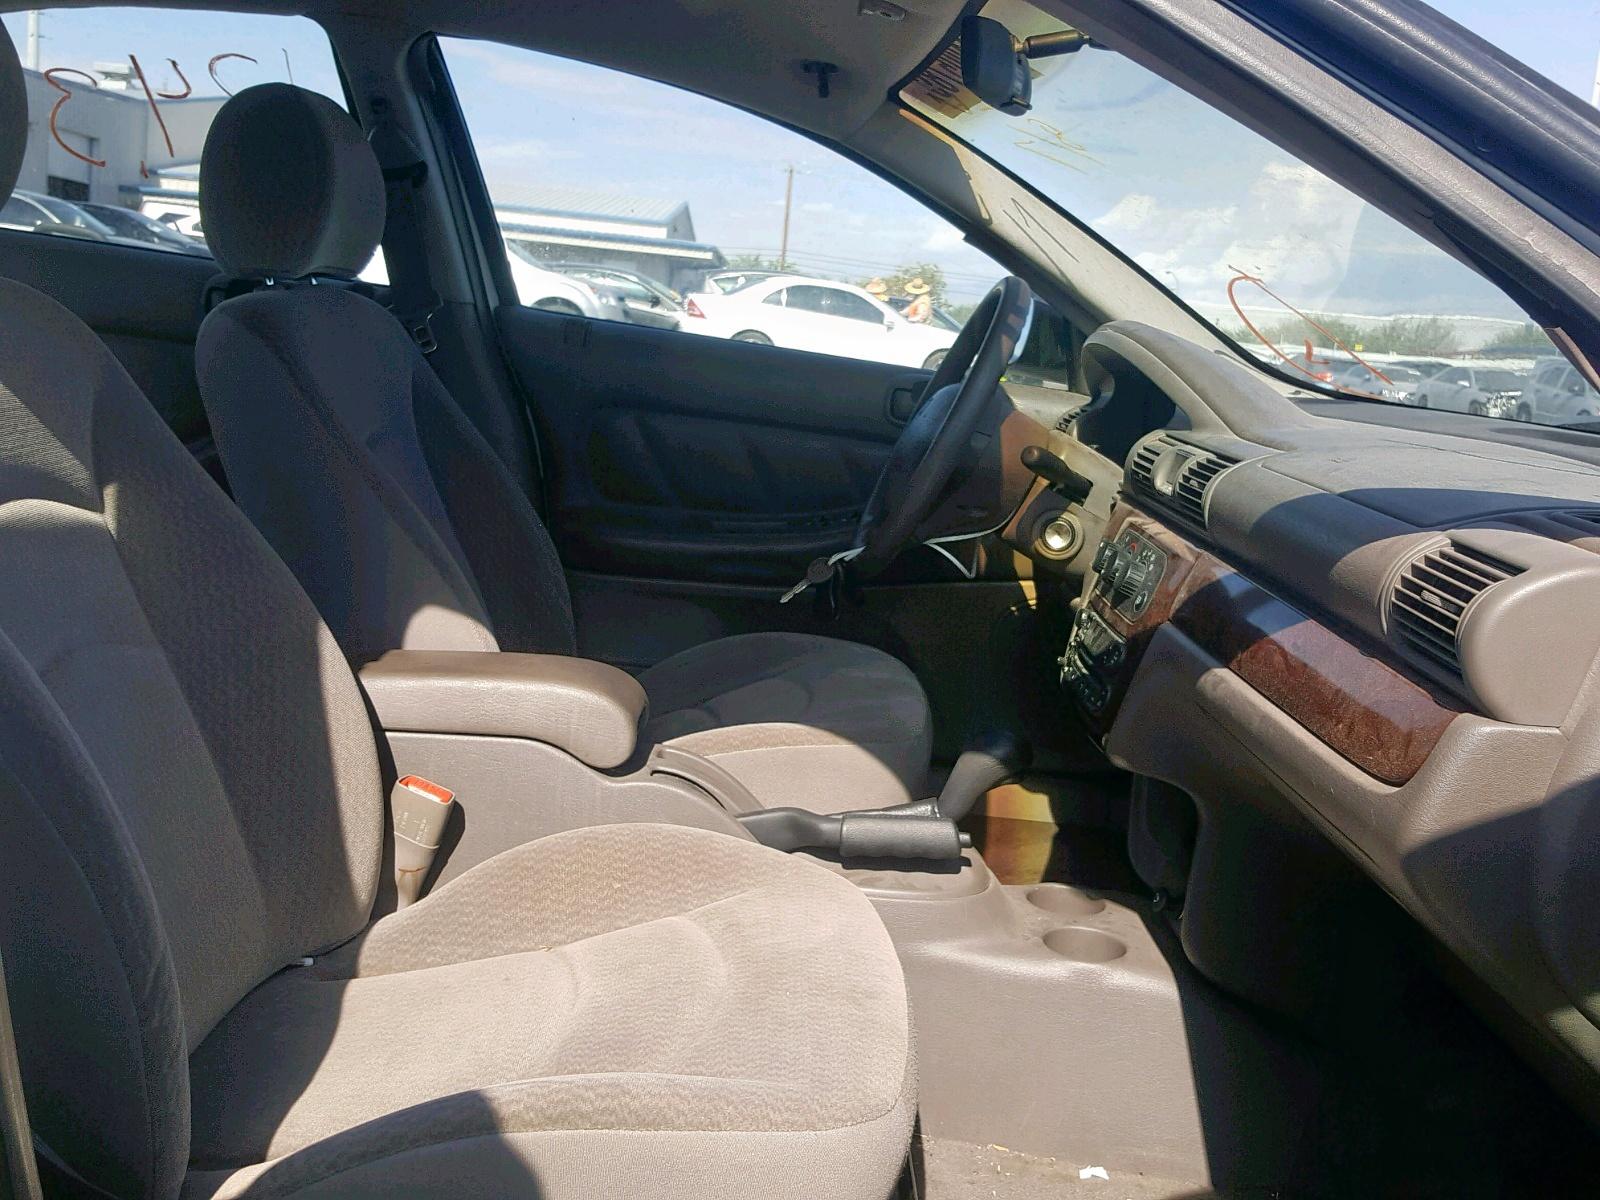 2001 Dodge Stratus Se 2 4L 4 in NV - Las Vegas